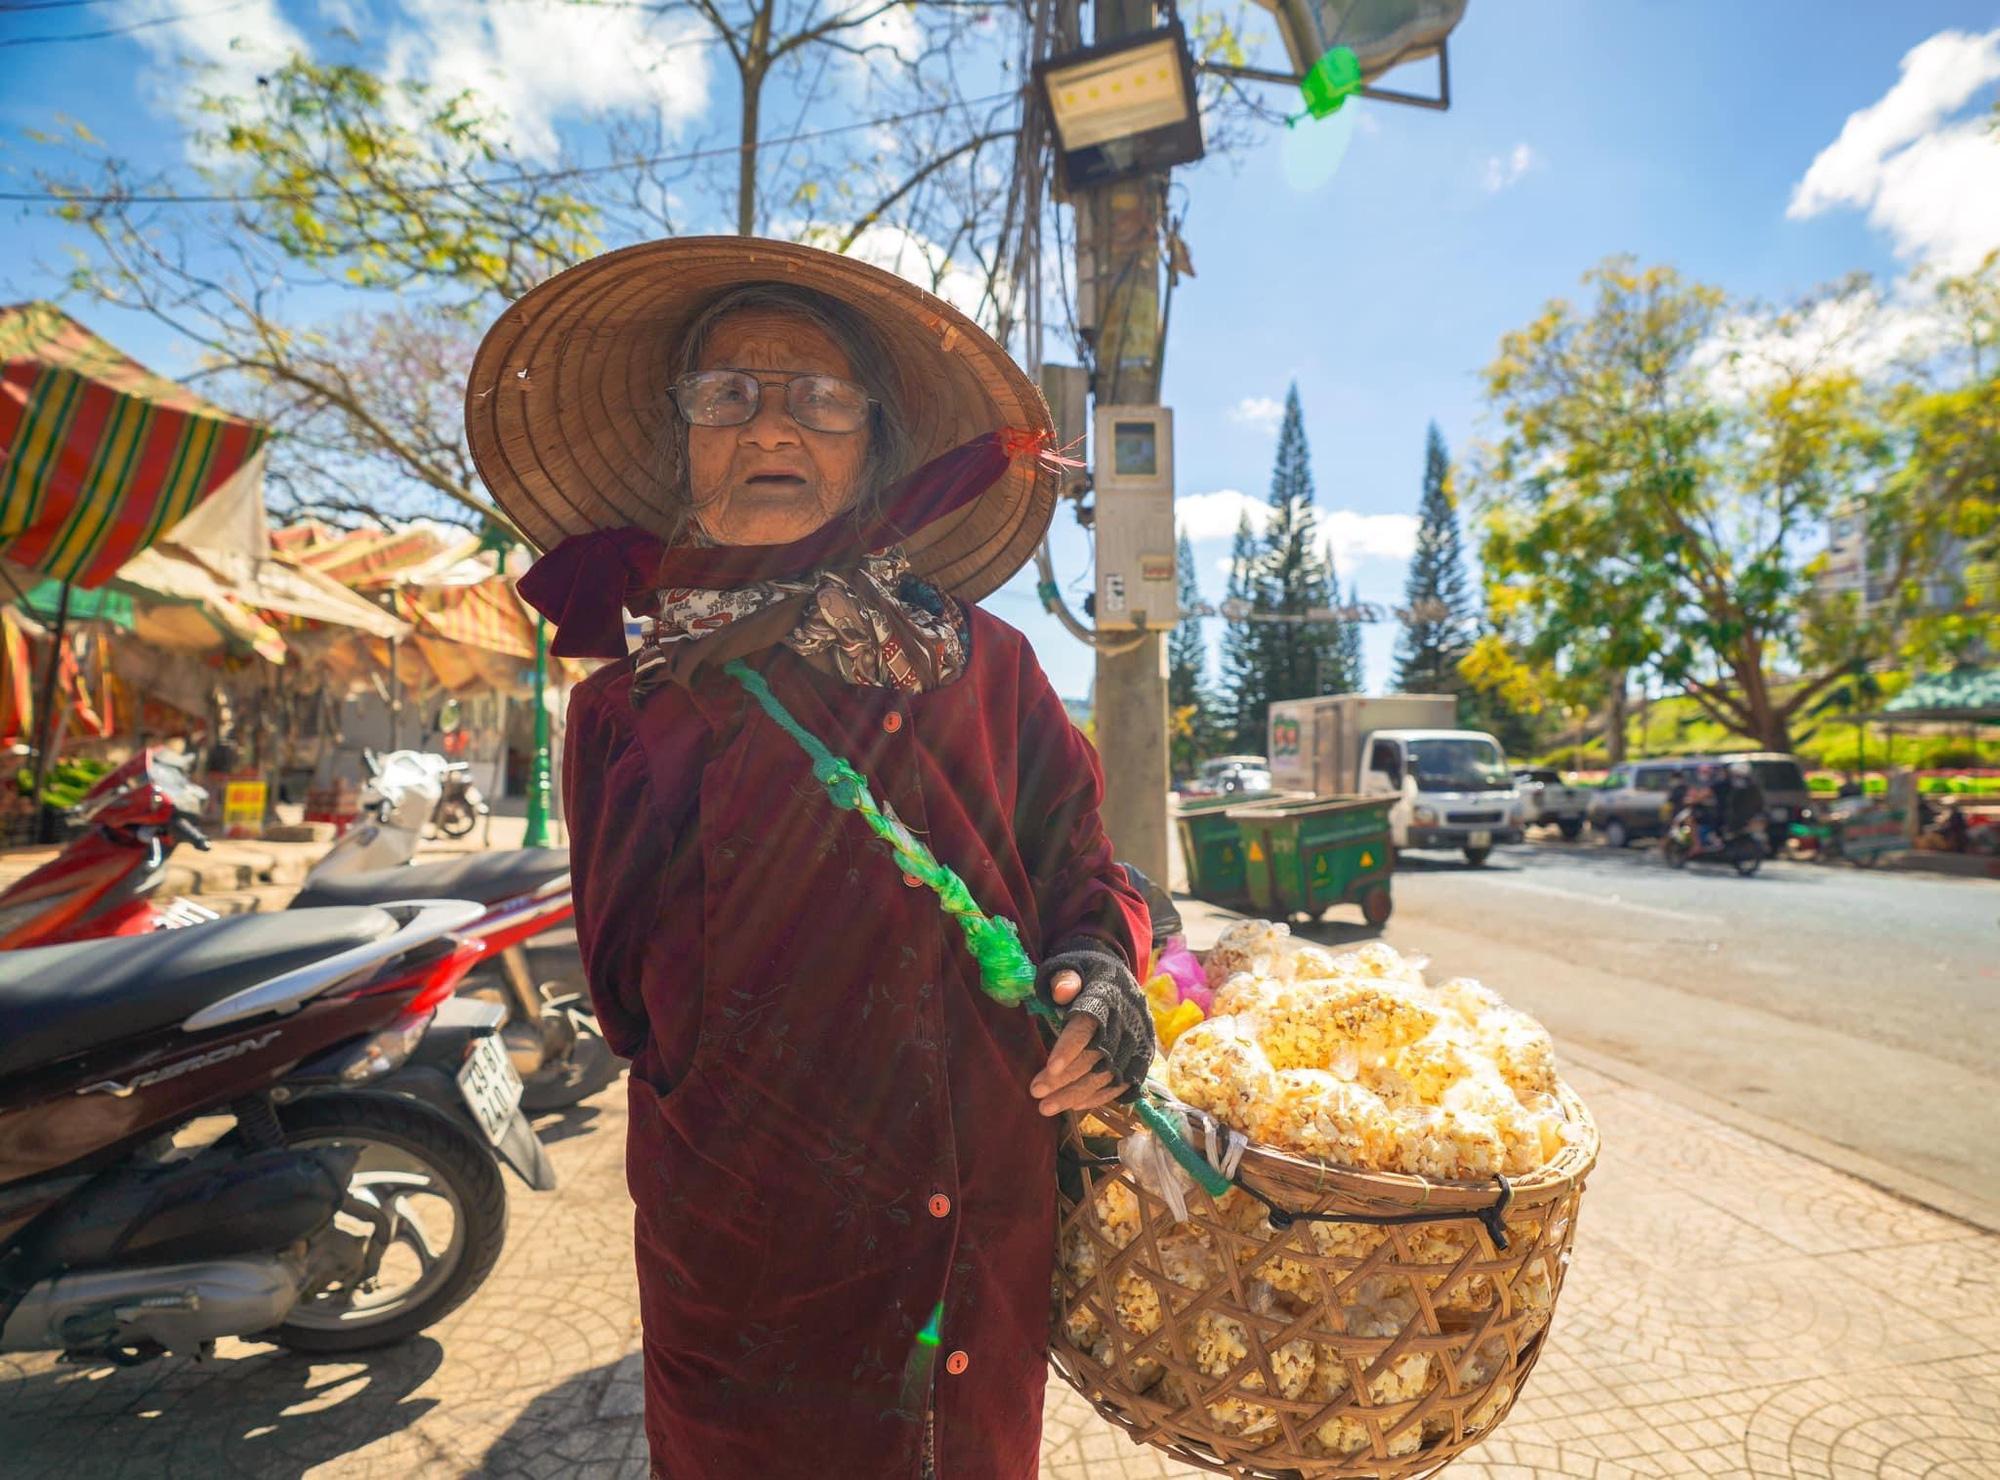 Gặp bà cụ 94 tuổi bán bỏng ngô dạo khắp Đà Lạt: Mỗi bức ảnh là câu chuyện khiến người ta cảm động-8